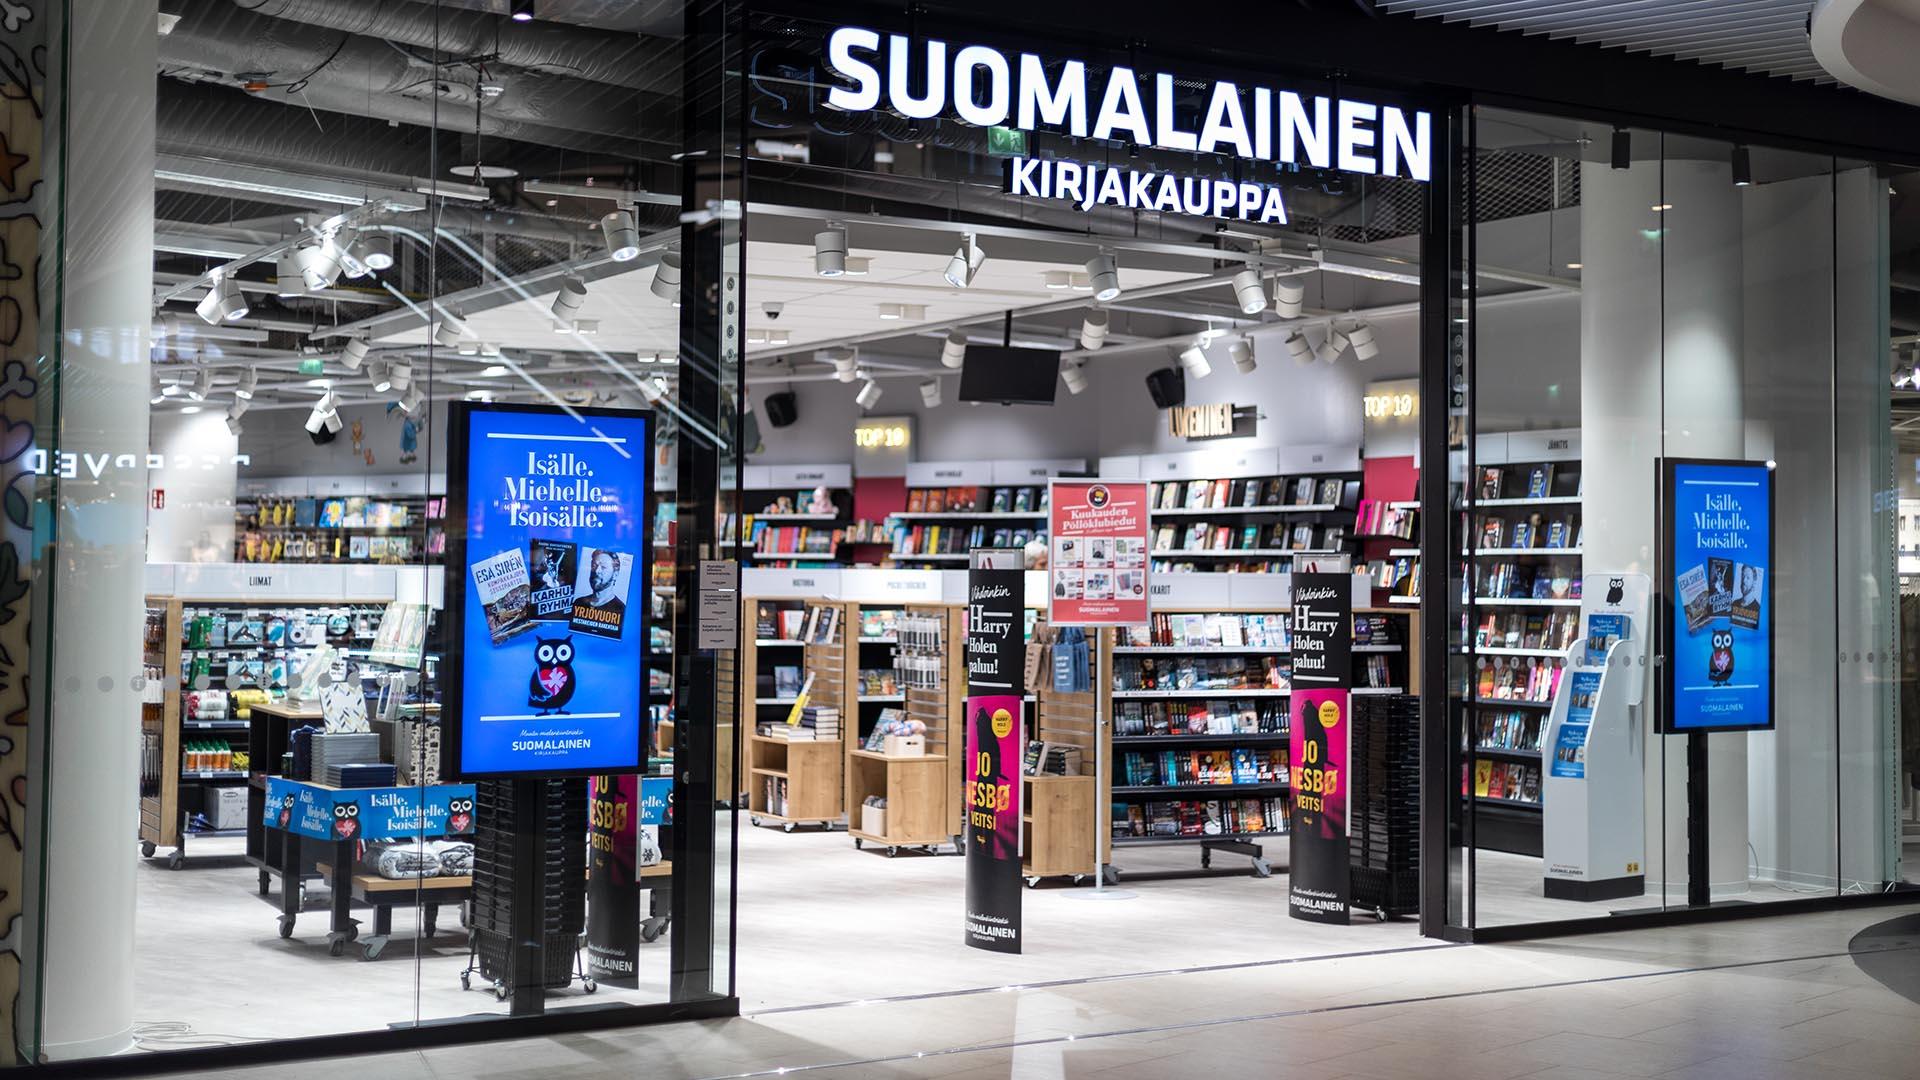 Suomalainen Kirjakauppa hyödyntää EWQ:n digitaalisia näyttöjä ikkunamainonnassaan. Liikkuvalla kuvalla on erinomainen huomioarvo.